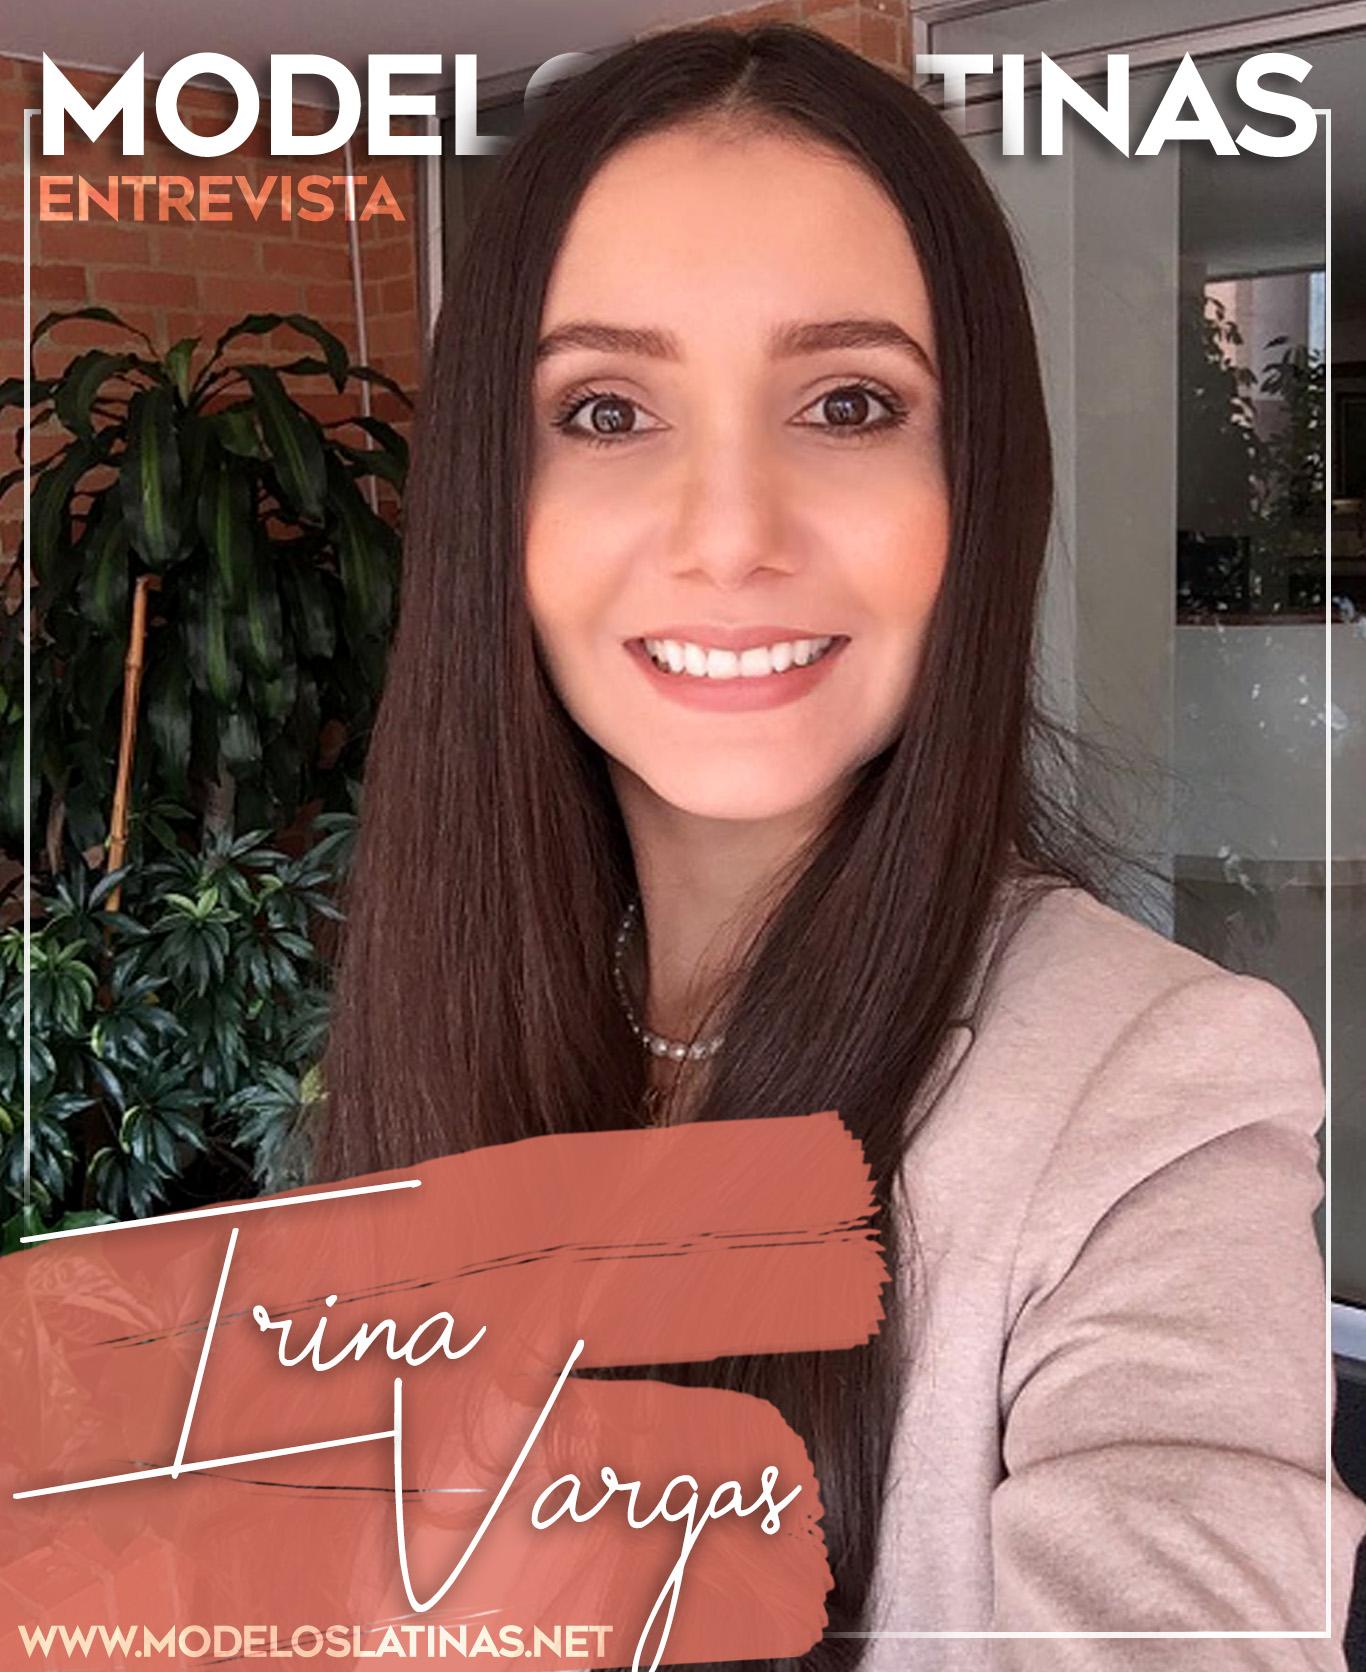 Irina Vargas